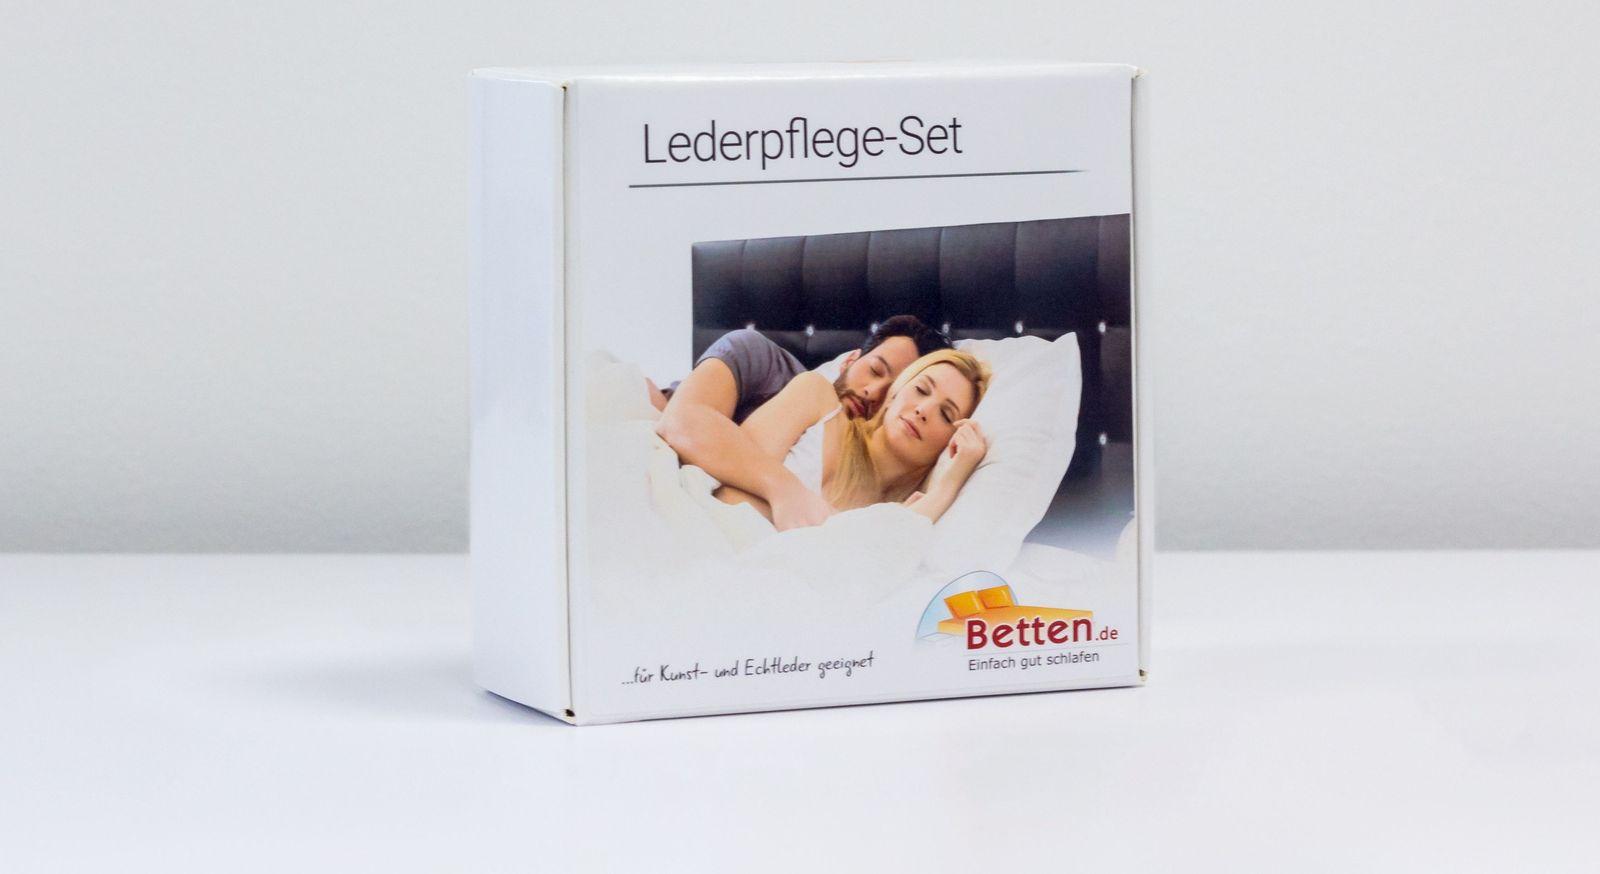 Lederpflege-Set 3-in-1 für geschmeidige Oberflächen